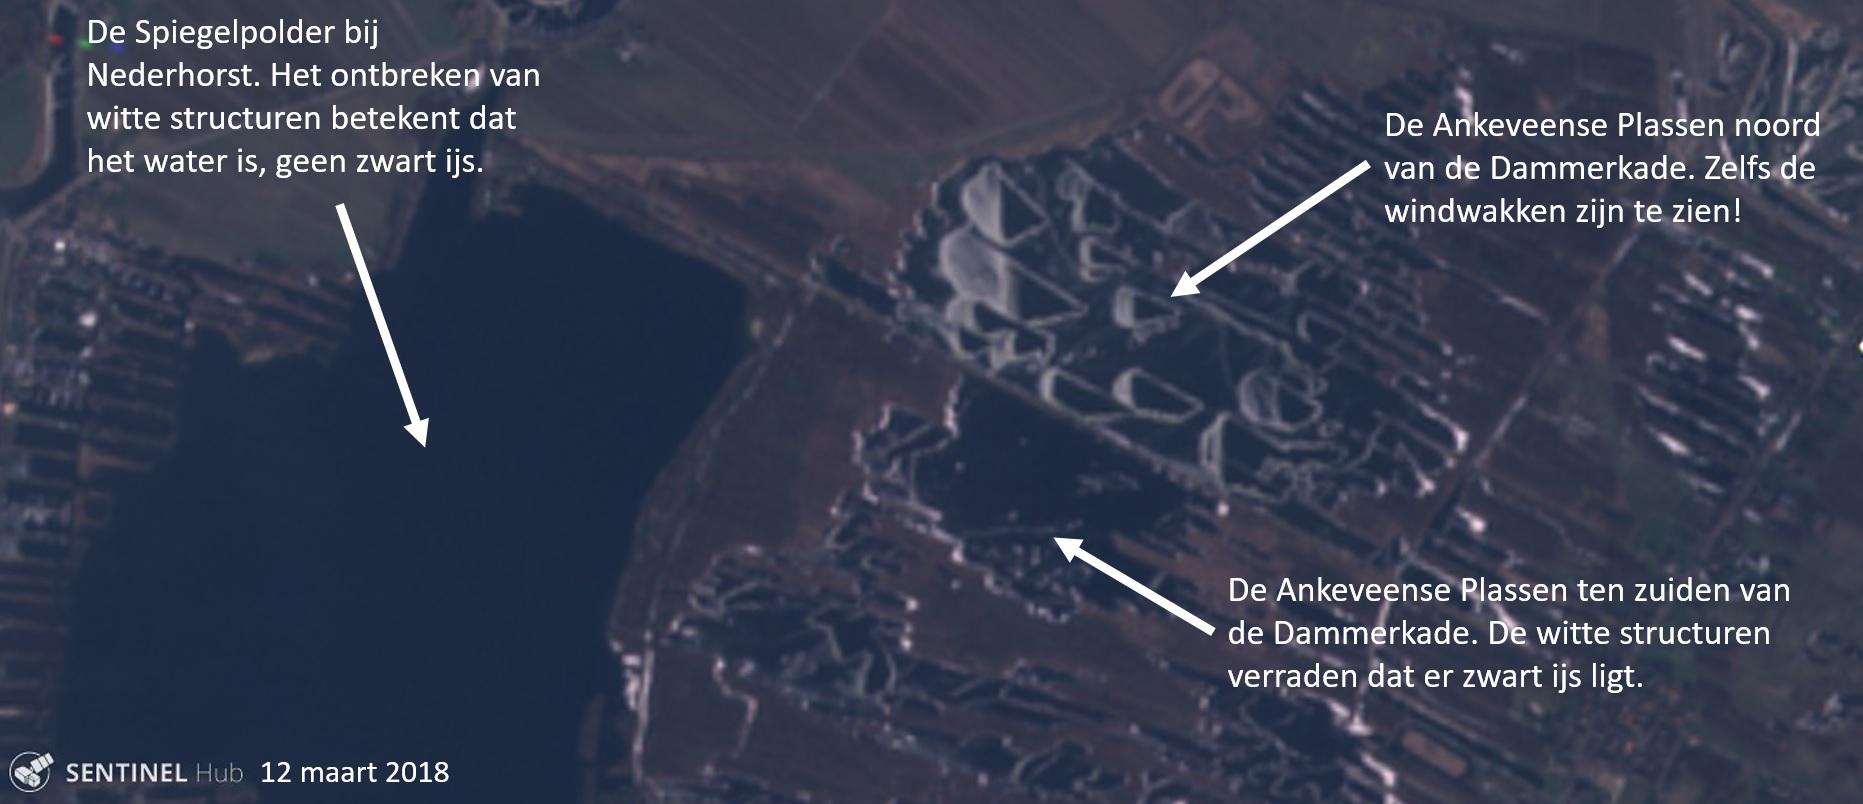 61ce42cfb57 Op de foto is het gebied tussen Nederhorst den Berg en Ankeveen in 't Gooi  op 2 maart 2018 te zien, gefotografeerd door de Sentinel-satelliet die  zichtbaar ...